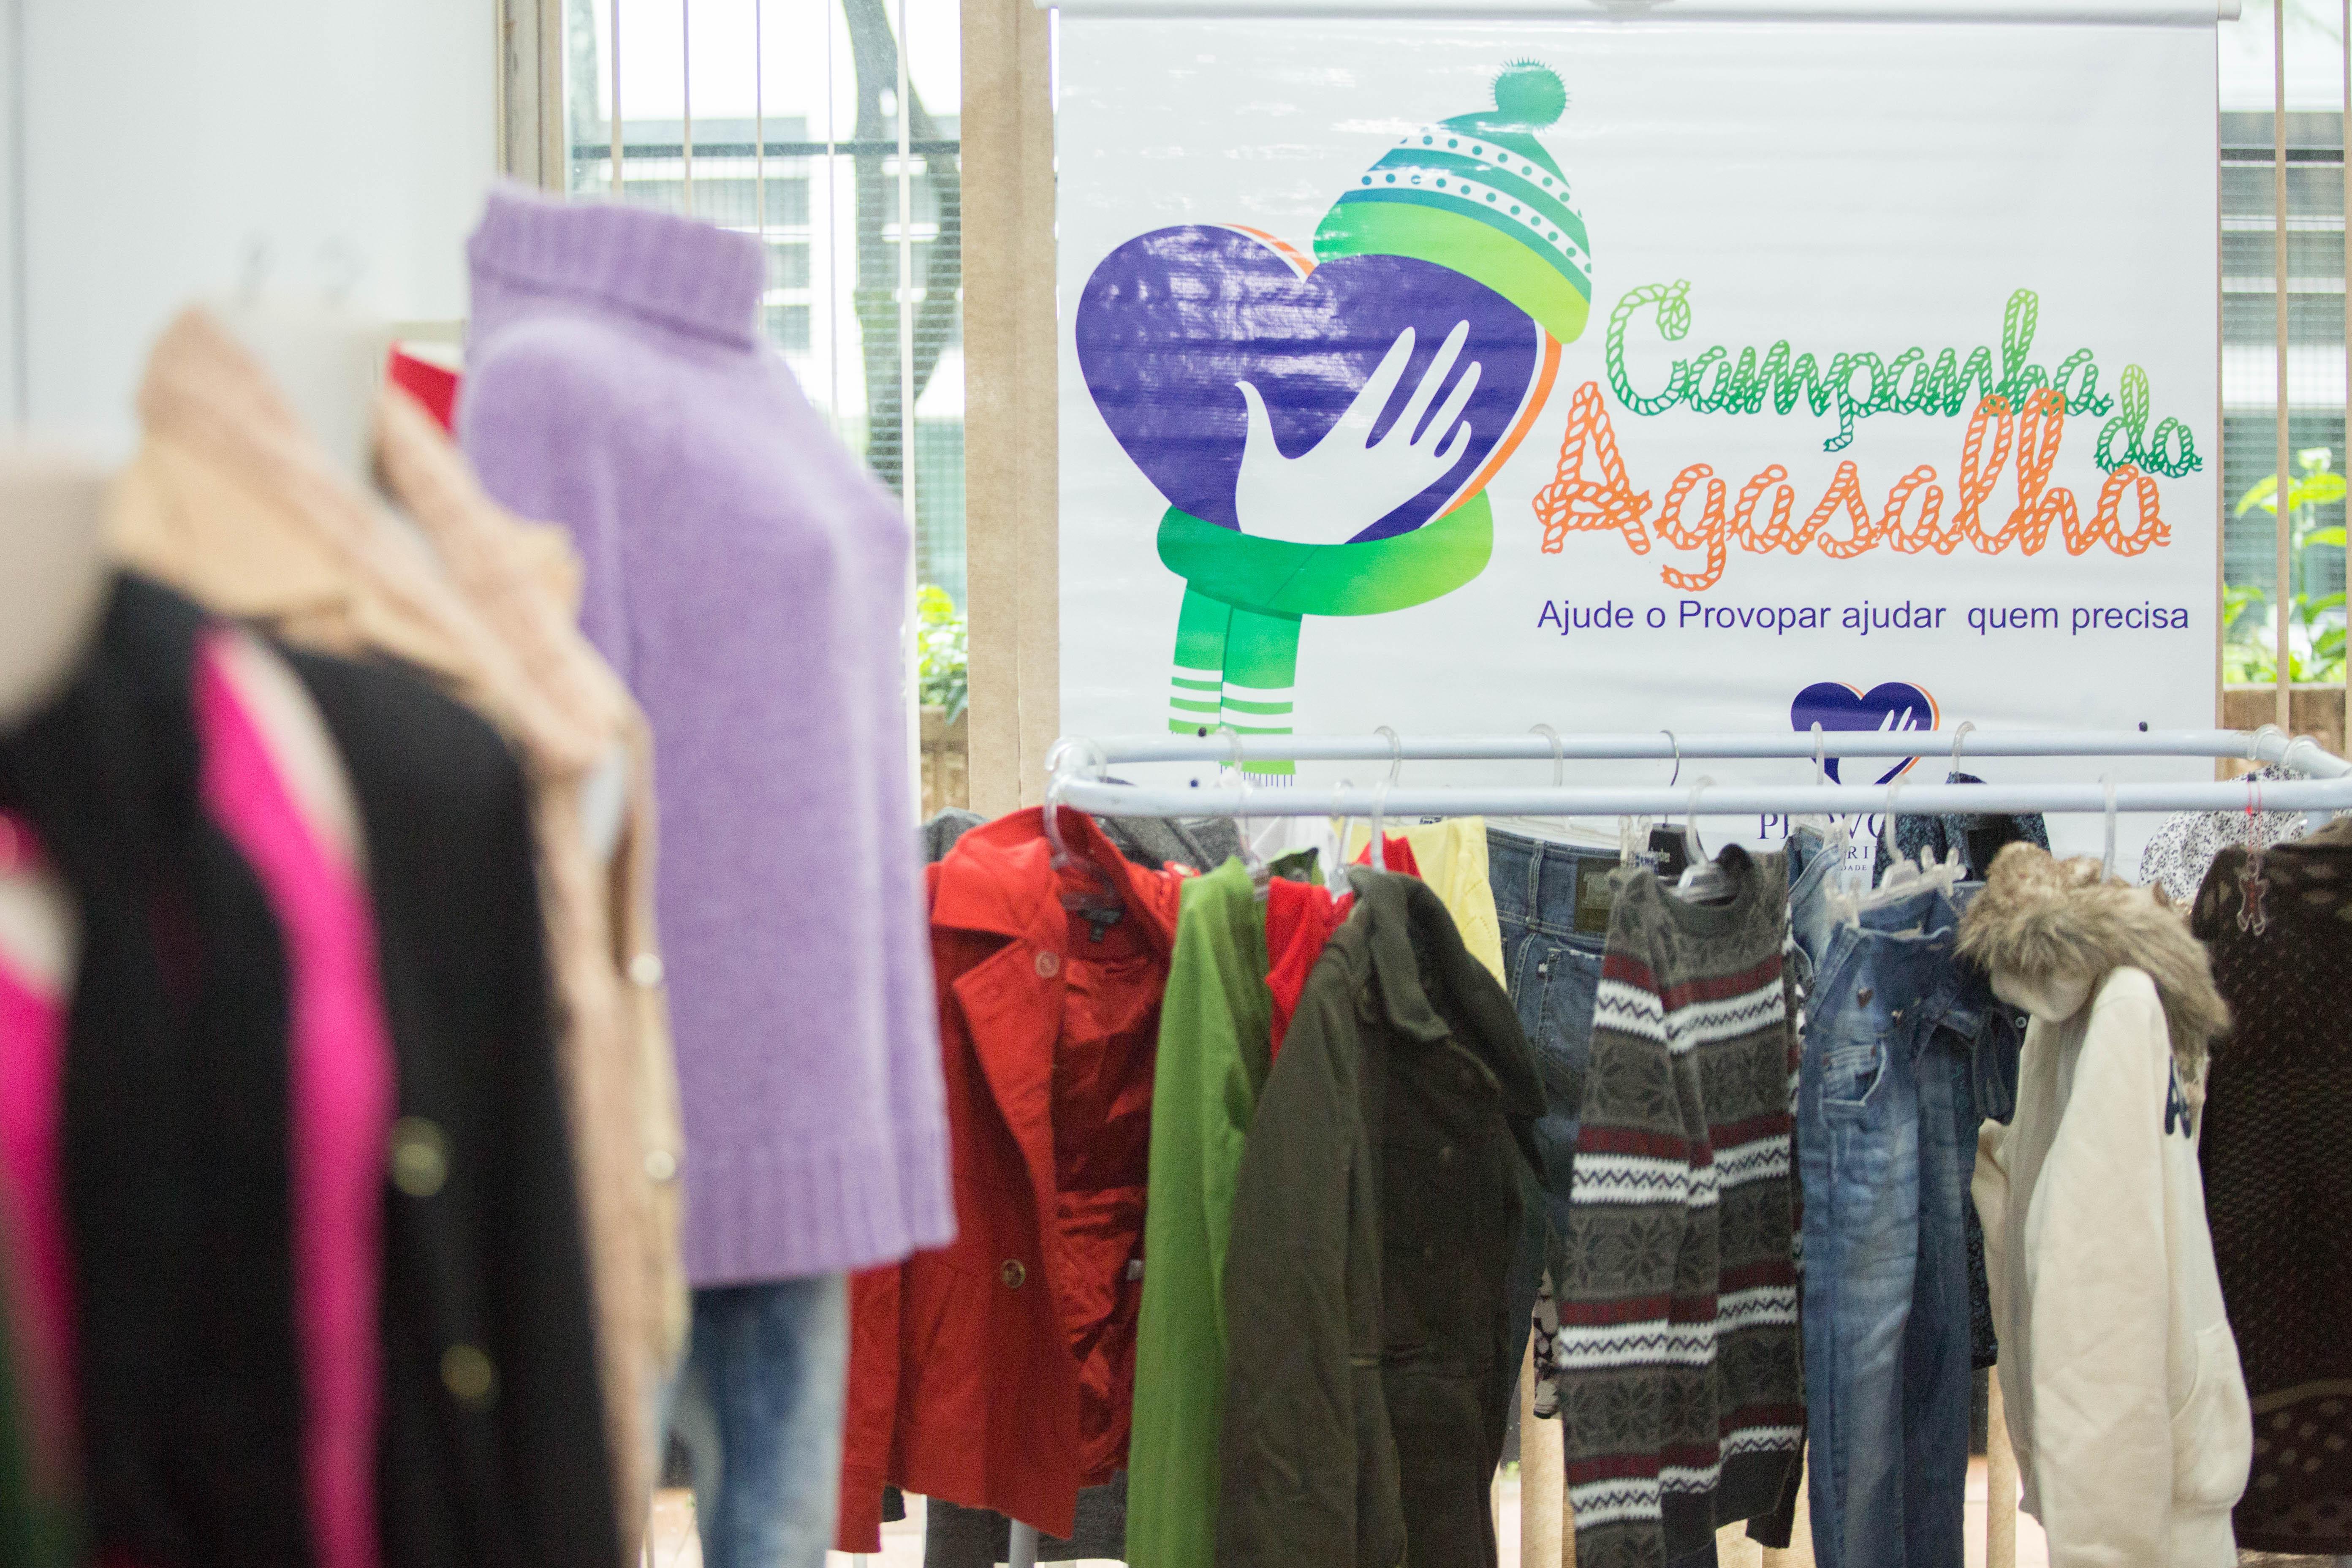 Vamos ajudar o Provopar a ajudar quem precisa. Foto: Vivian Silva/PMM